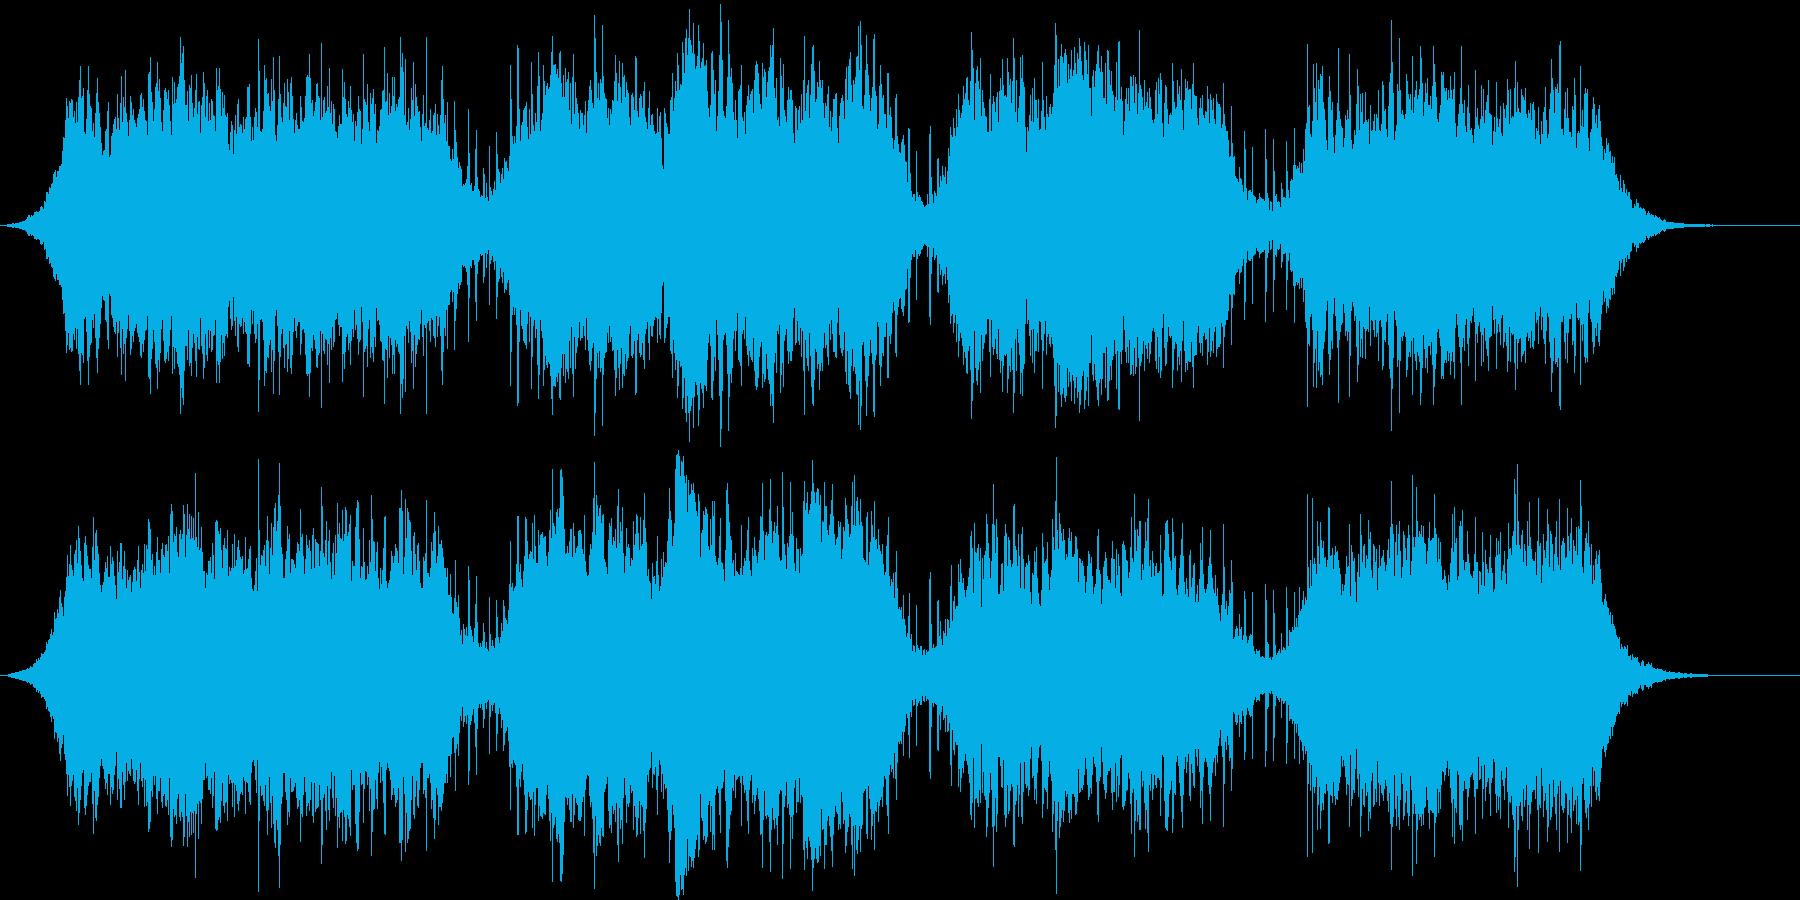 アンビエントなパッド系BGMの再生済みの波形